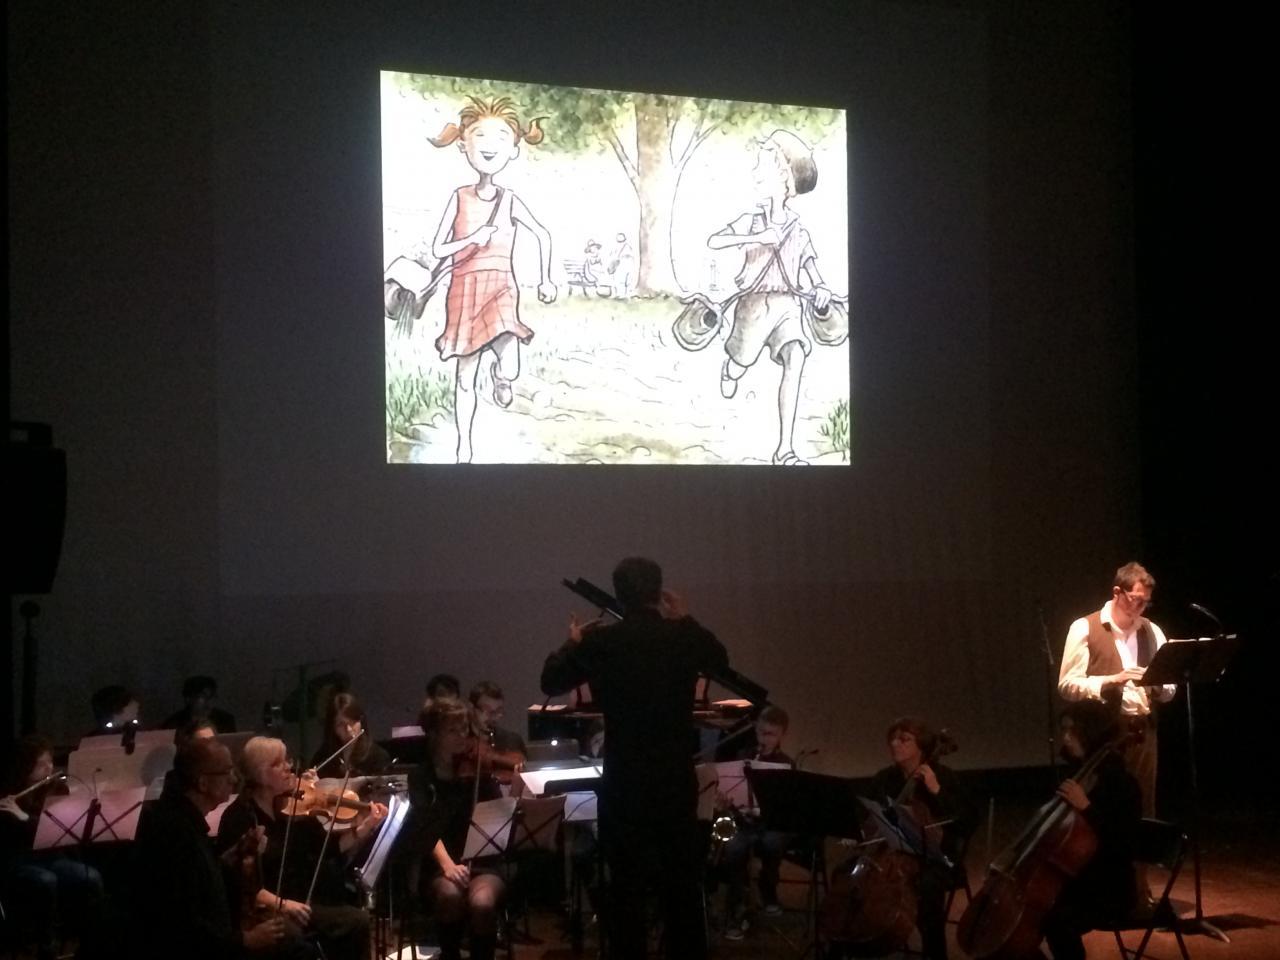 Concert autour d'une bande dessinée